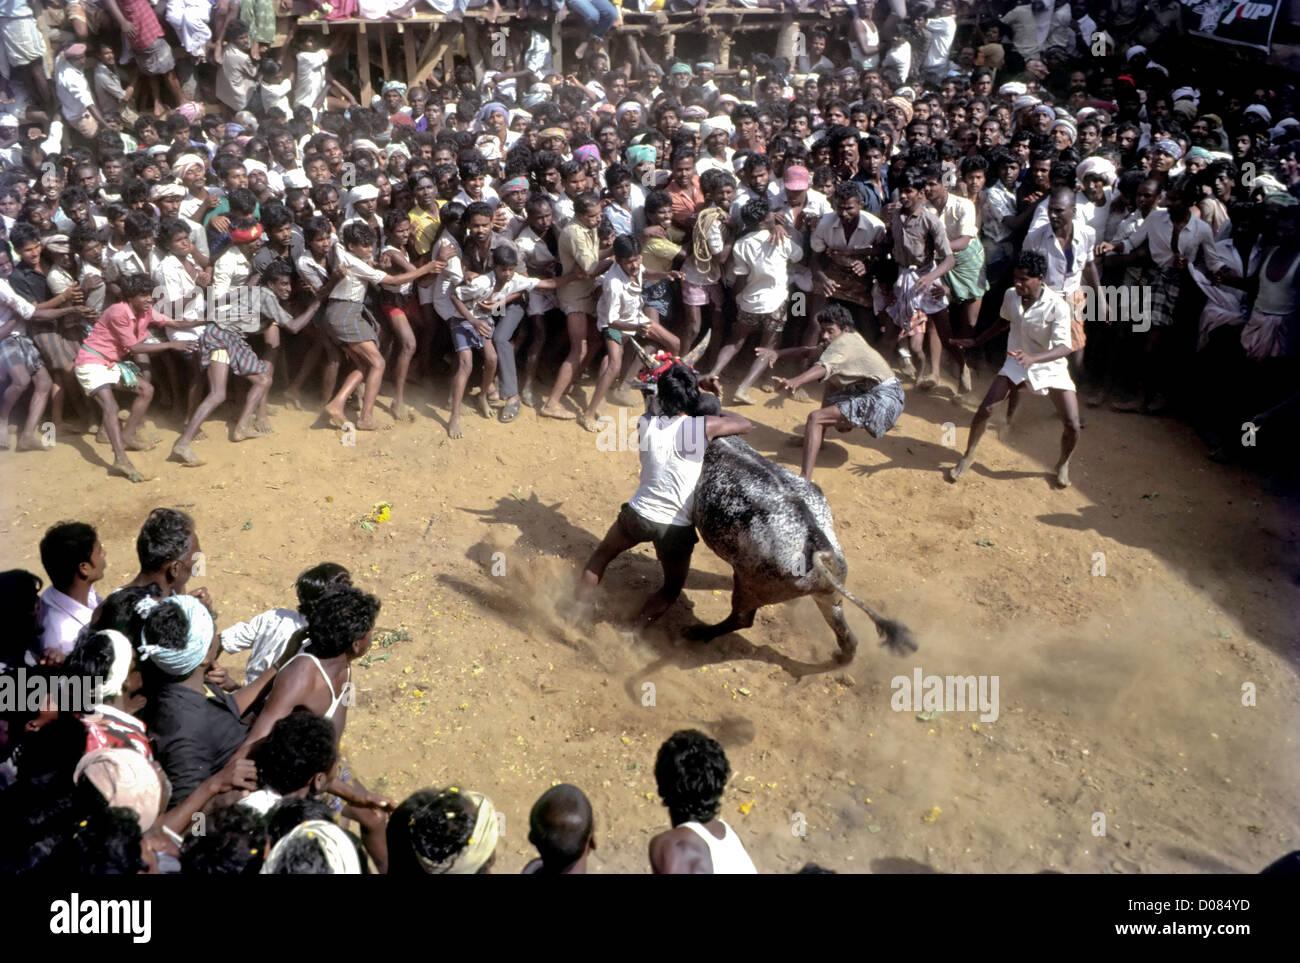 Jallikattu;Bull taming at Alanganallur near Madurai,Tamil Nadu,India - Stock Image